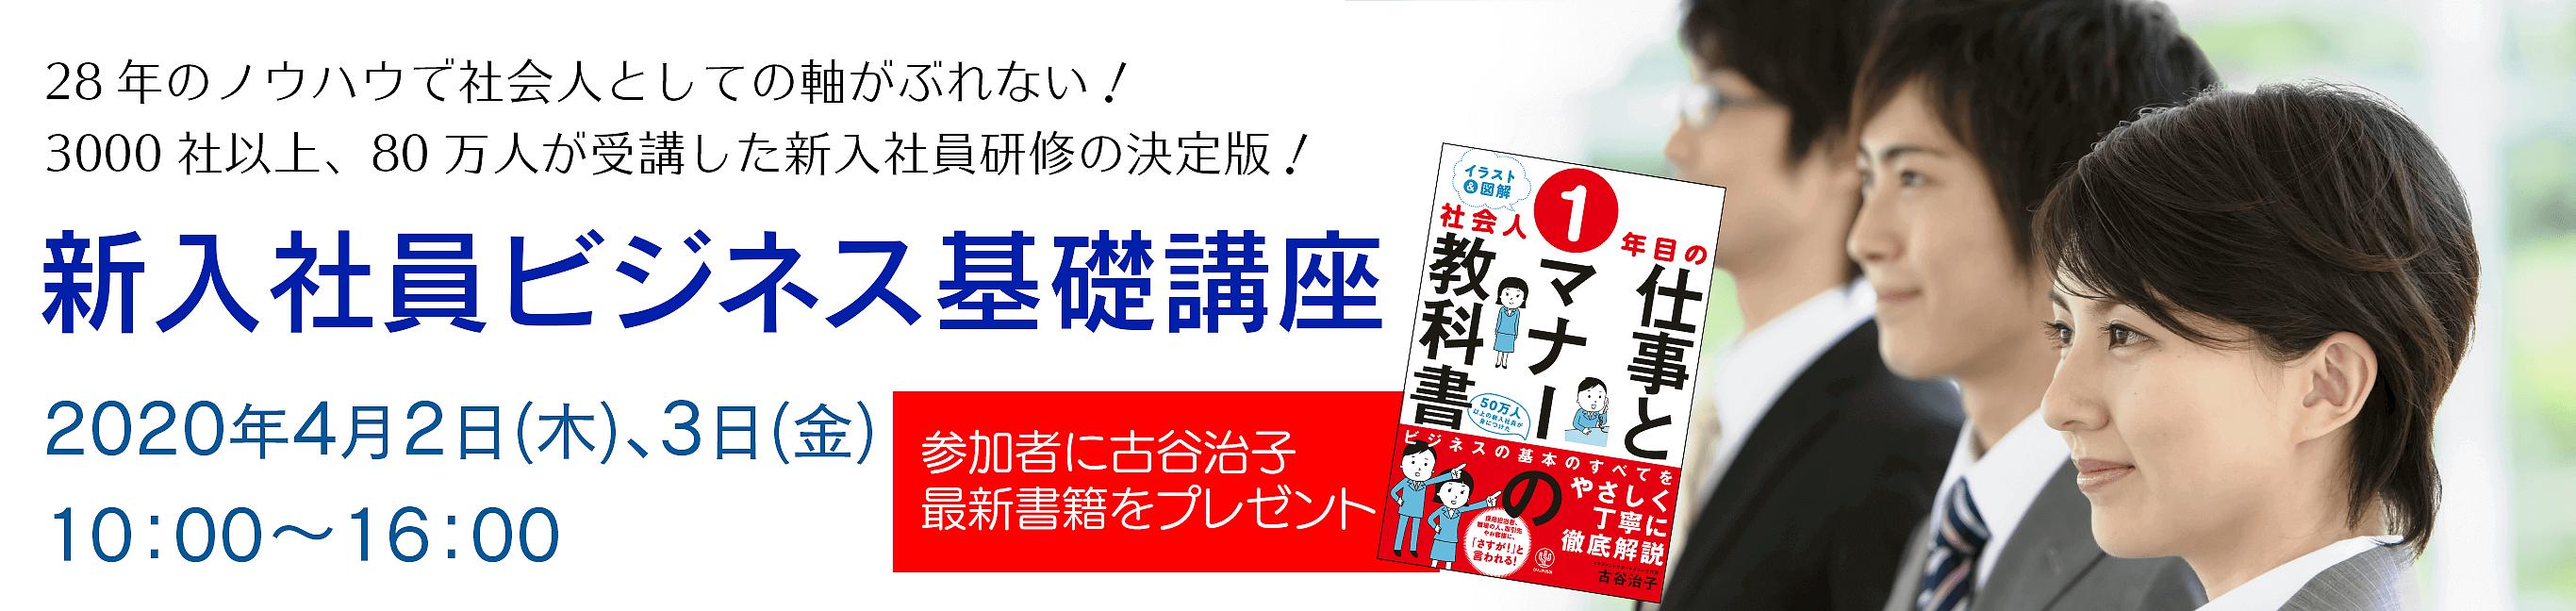 新刊書籍『社会人1年目の仕事とマナーの教科書』